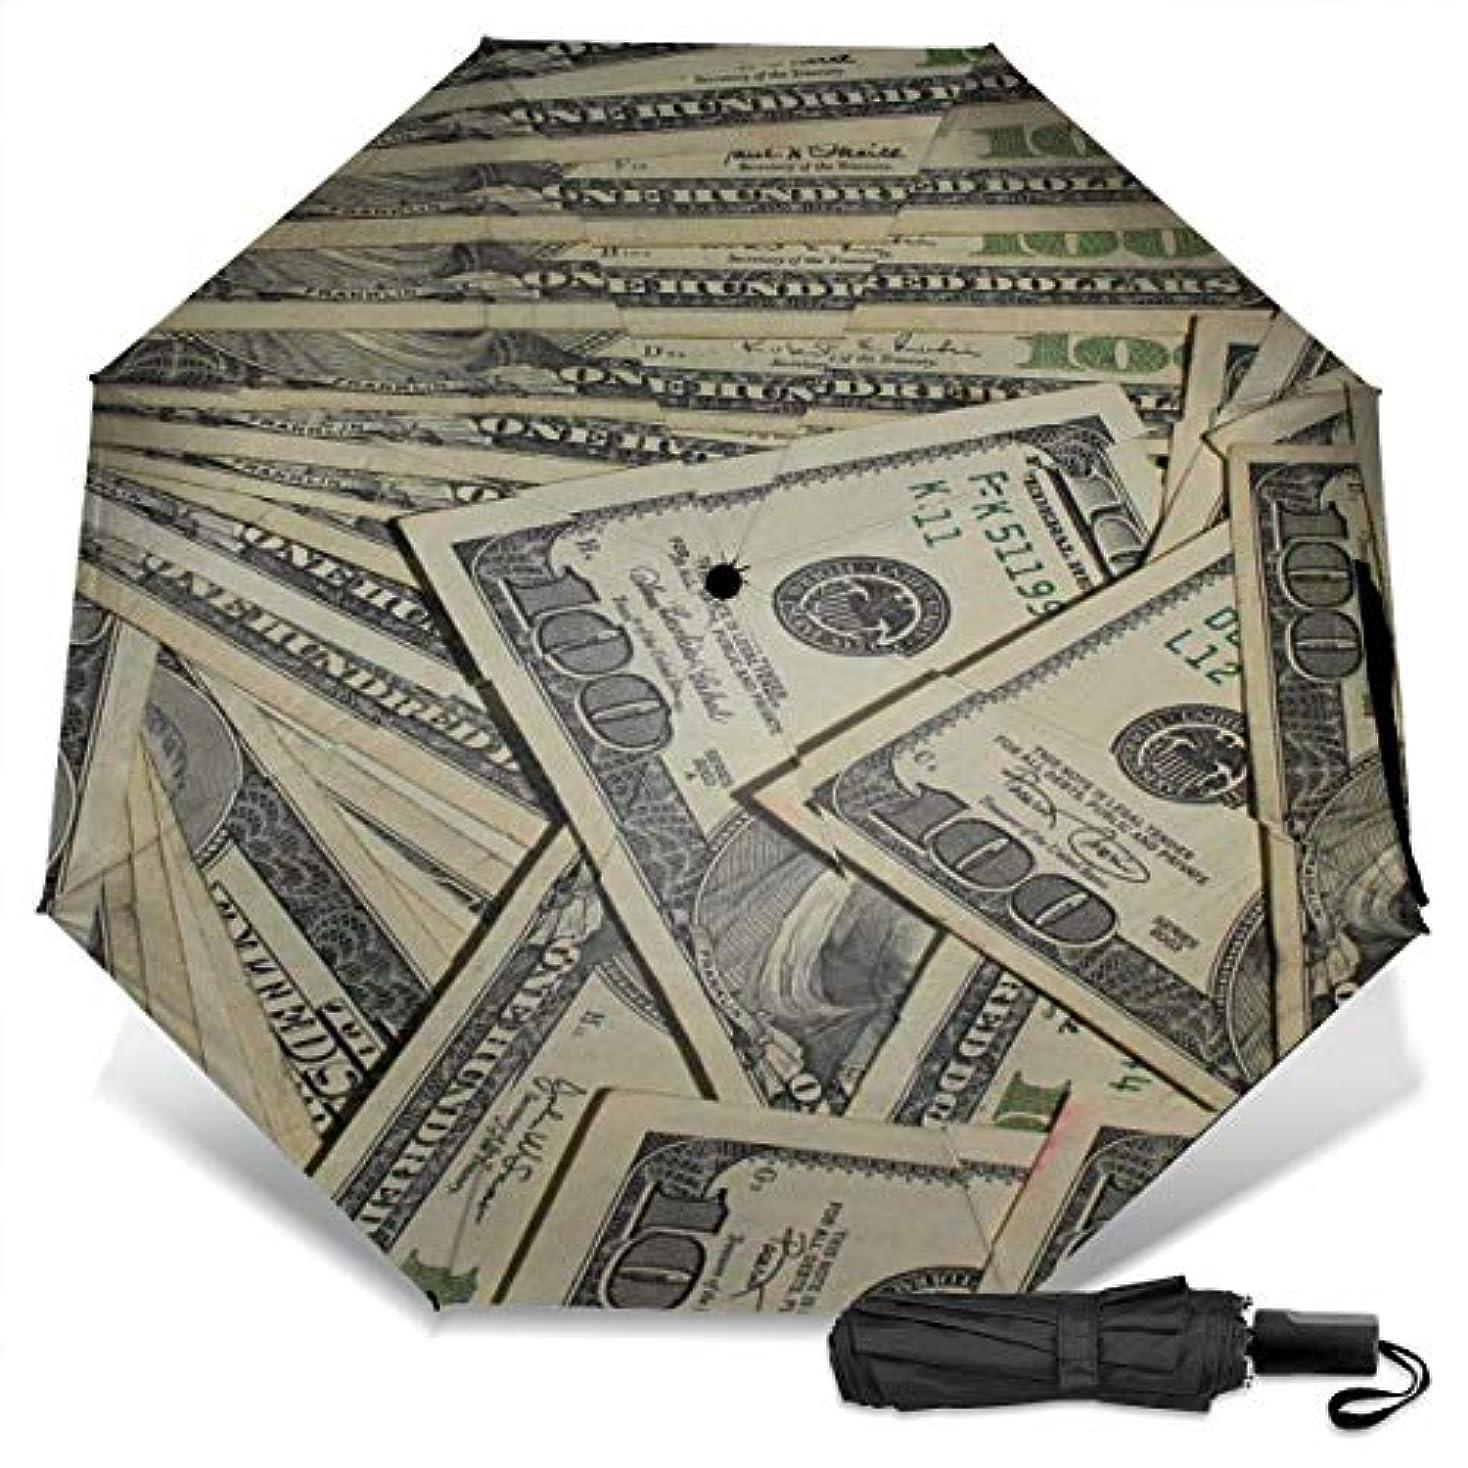 頭中ビーチ100ドル紙幣の米ドル通貨折りたたみ傘 軽量 手動三つ折り傘 日傘 耐風撥水 晴雨兼用 遮光遮熱 紫外線対策 携帯用かさ 出張旅行通勤 女性と男性用 (黒ゴム)